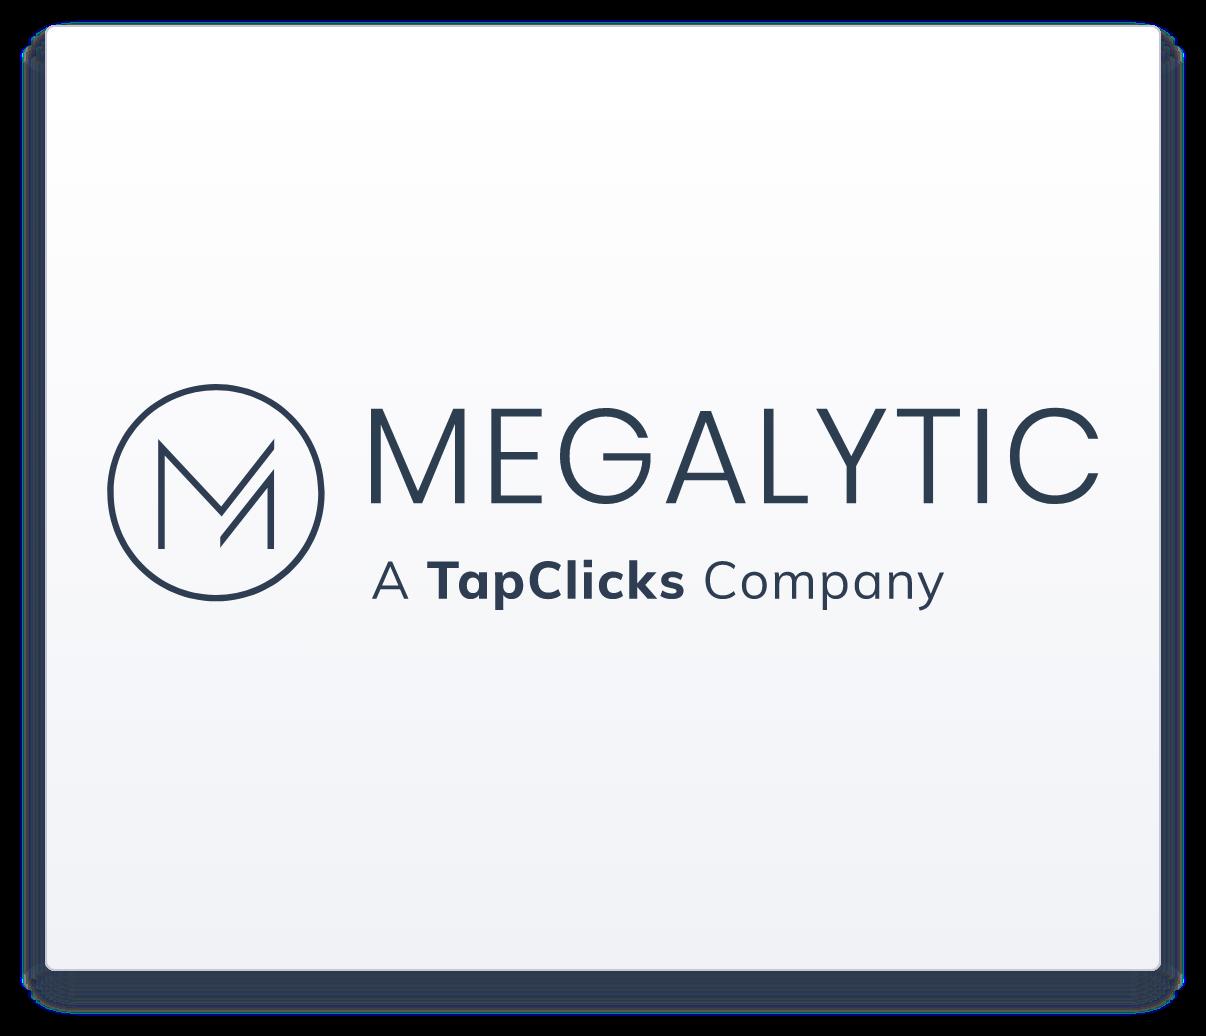 Megalytic_v2